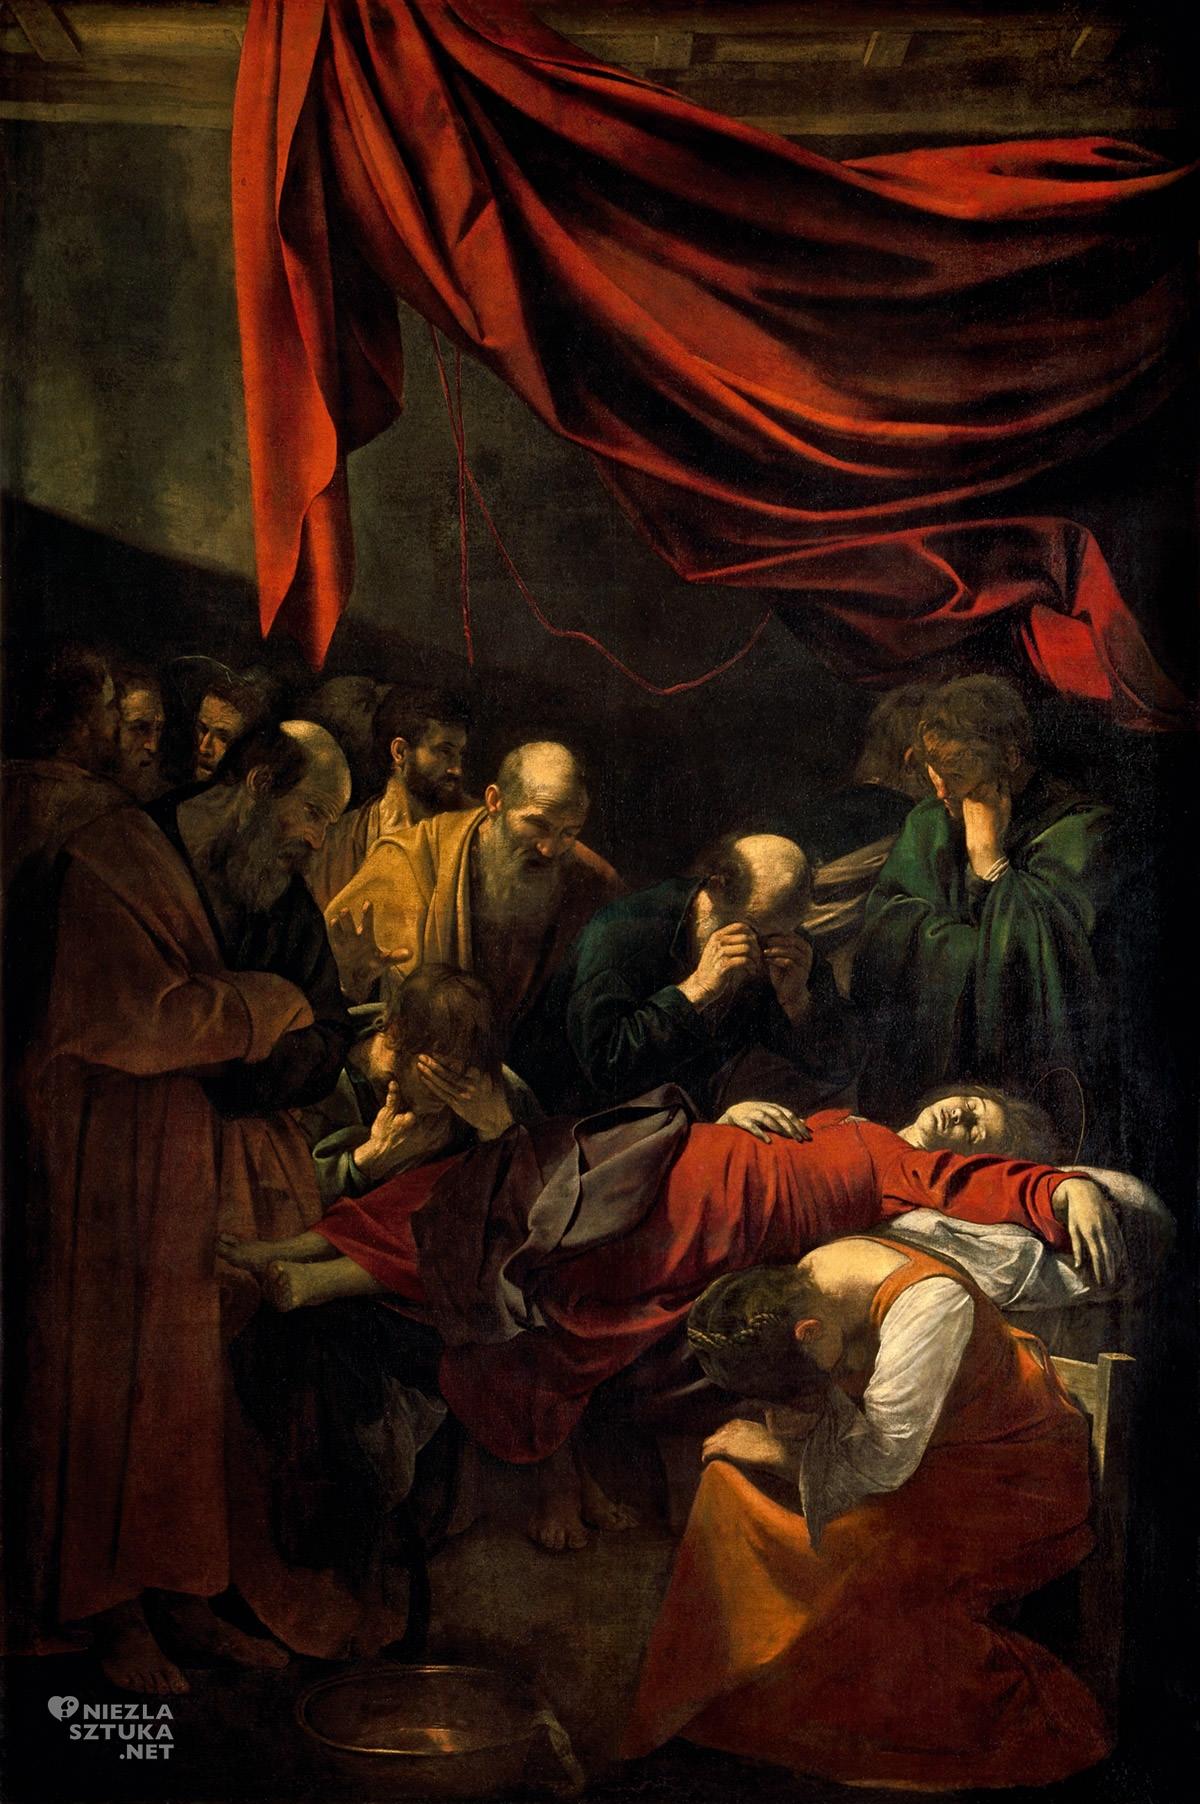 Caravaggio, Śmierć Maryi, Zaśnięcie Maryi, sztuka religijna, barok, Niezła Sztuka